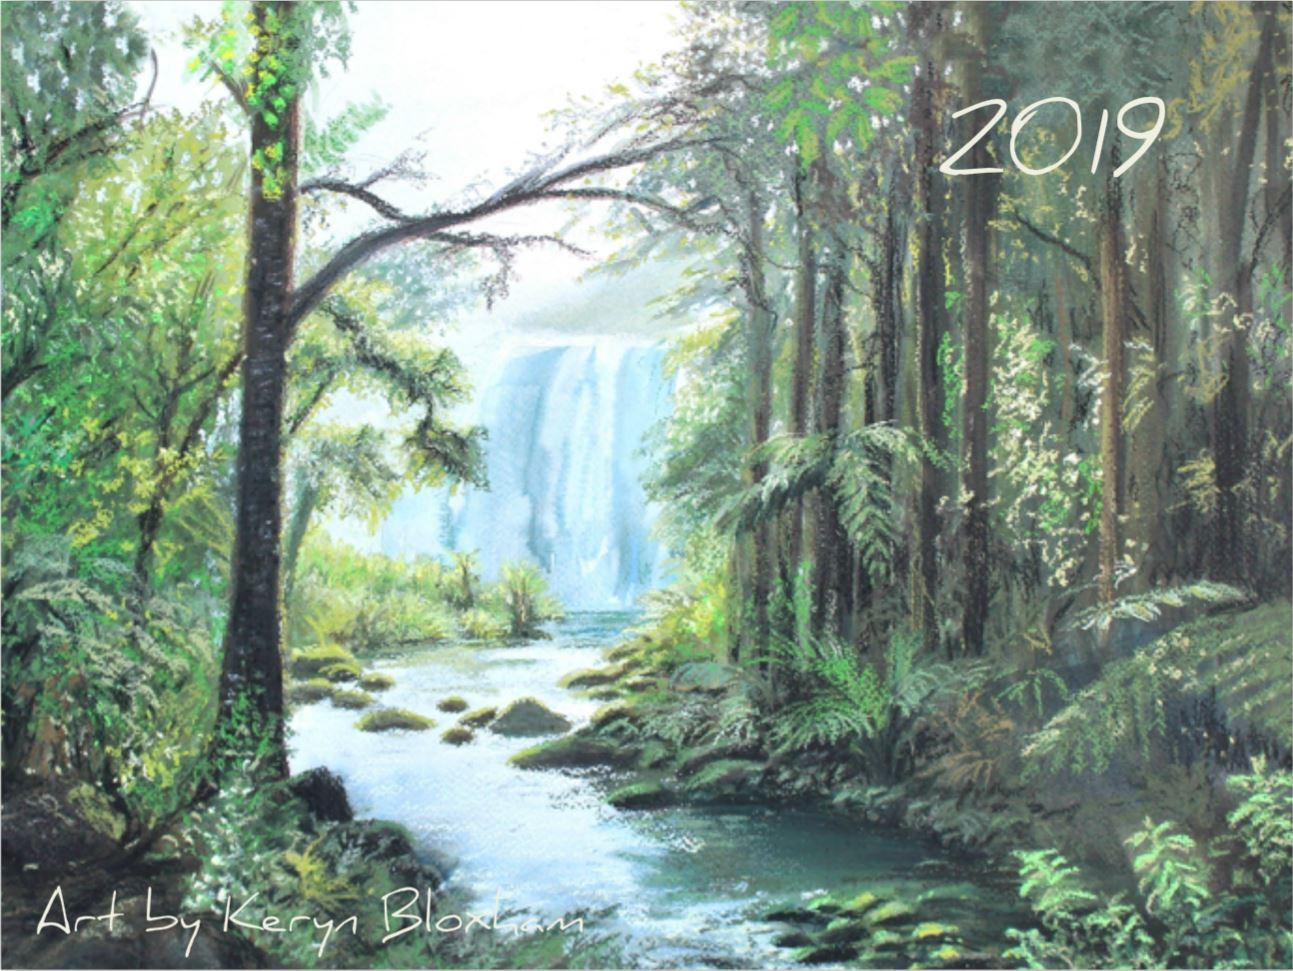 2019 Art calendar front.JPG